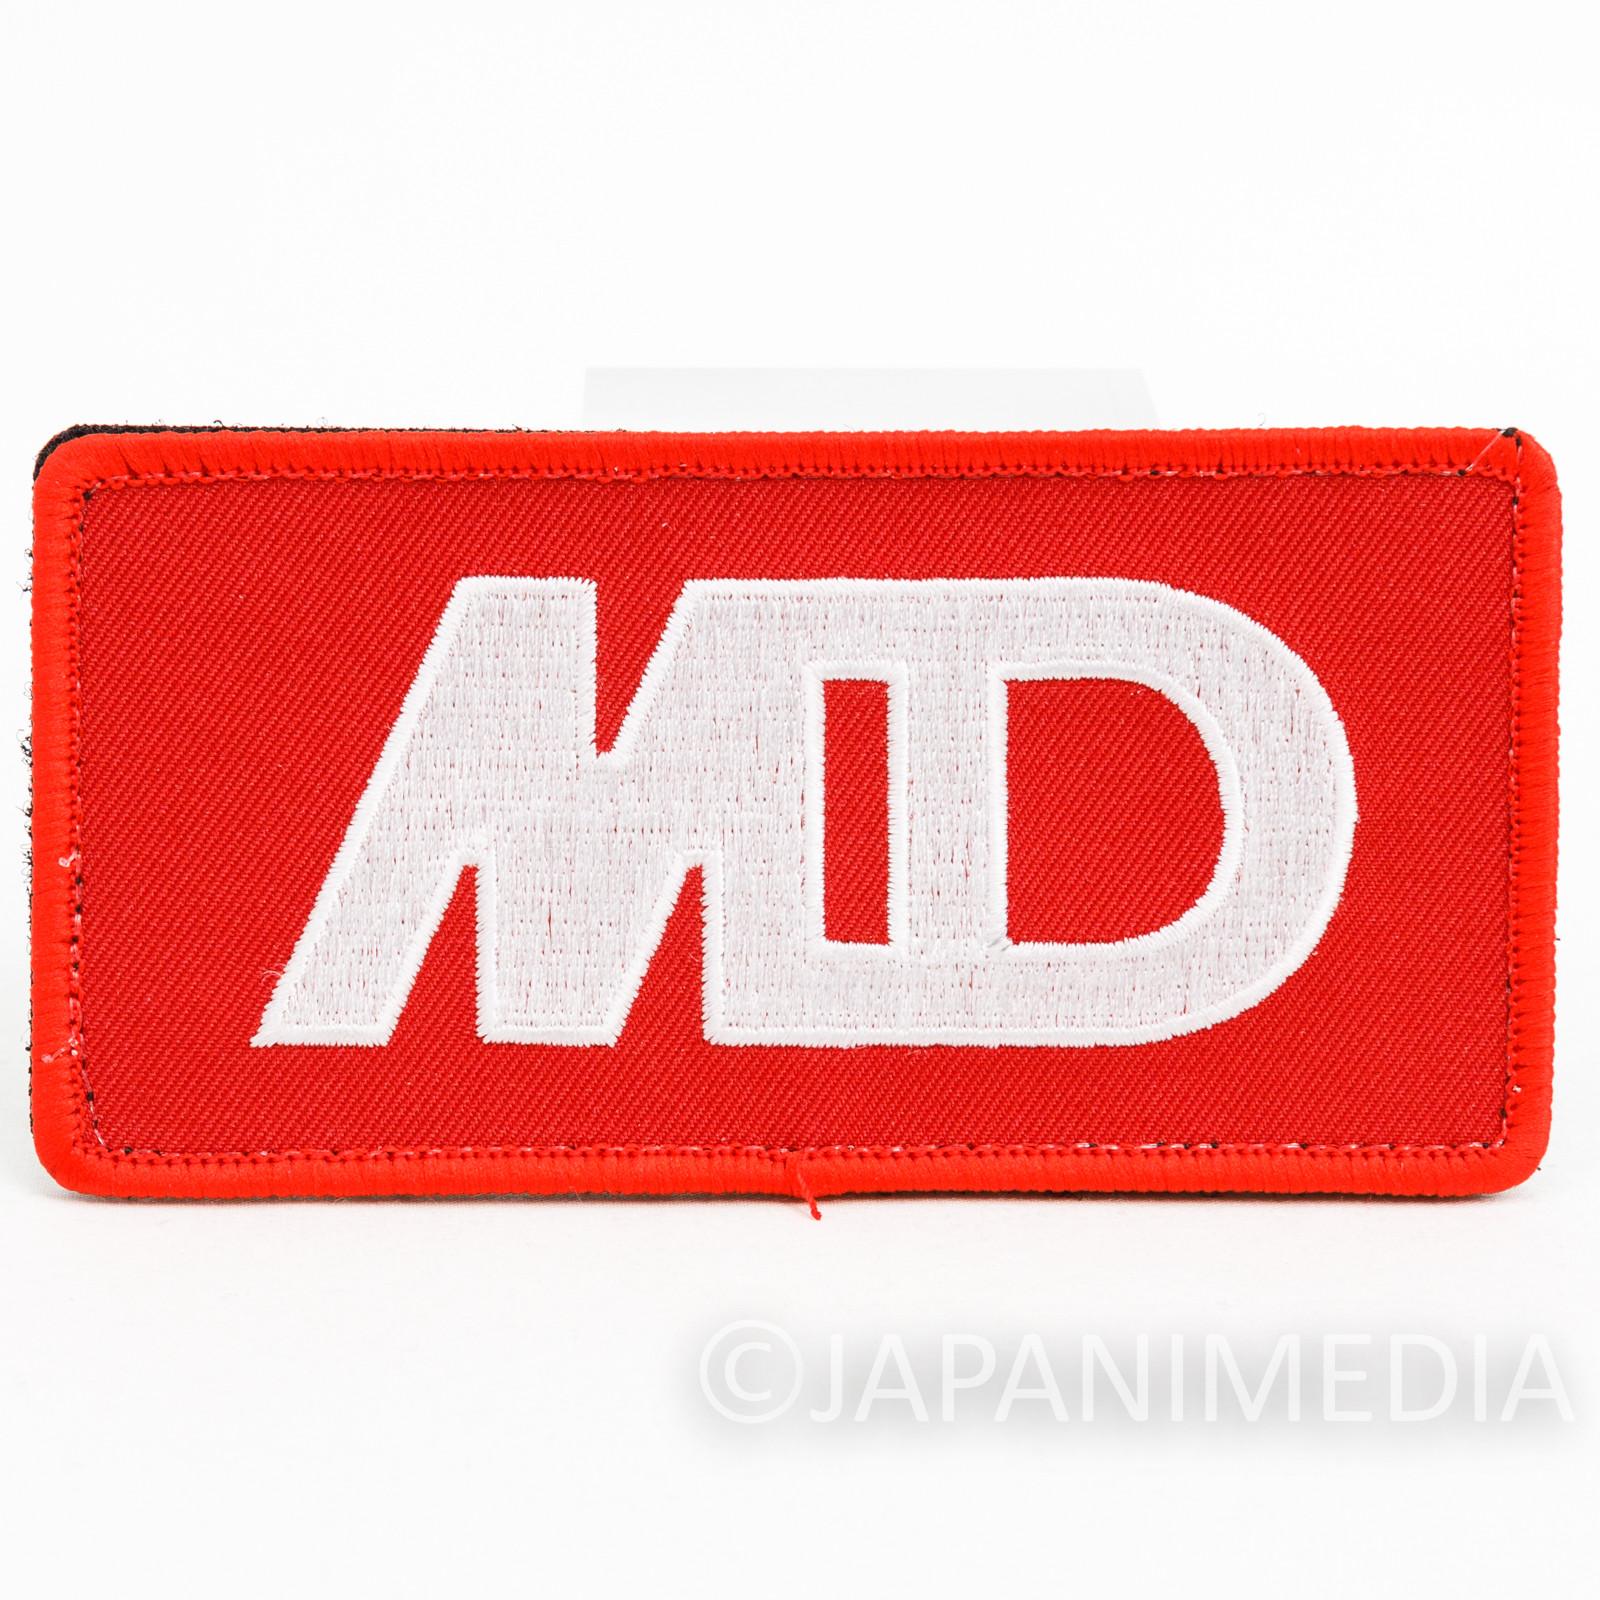 Yoroshiku Mechadoc Cloth Wappen Emblem Badge Magic Tape JAPAN ANIME